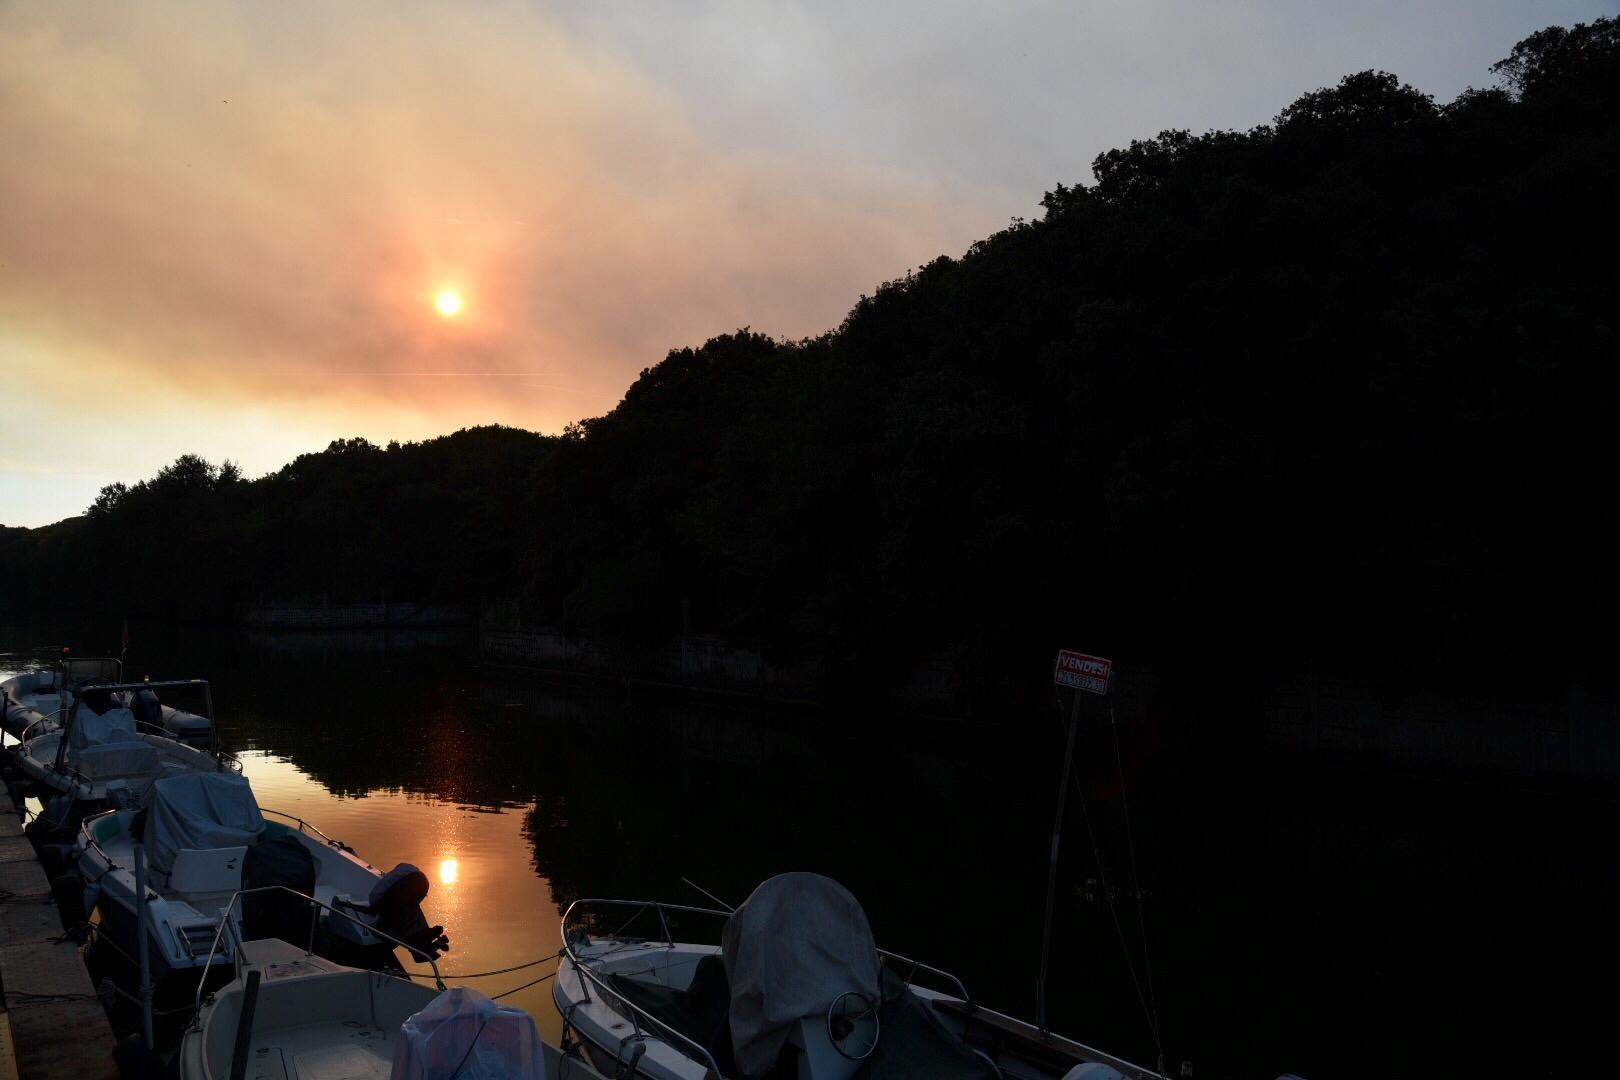 Dopo l'incendio di ieri a Castelfusano a Ostia, il risveglio è spettrale